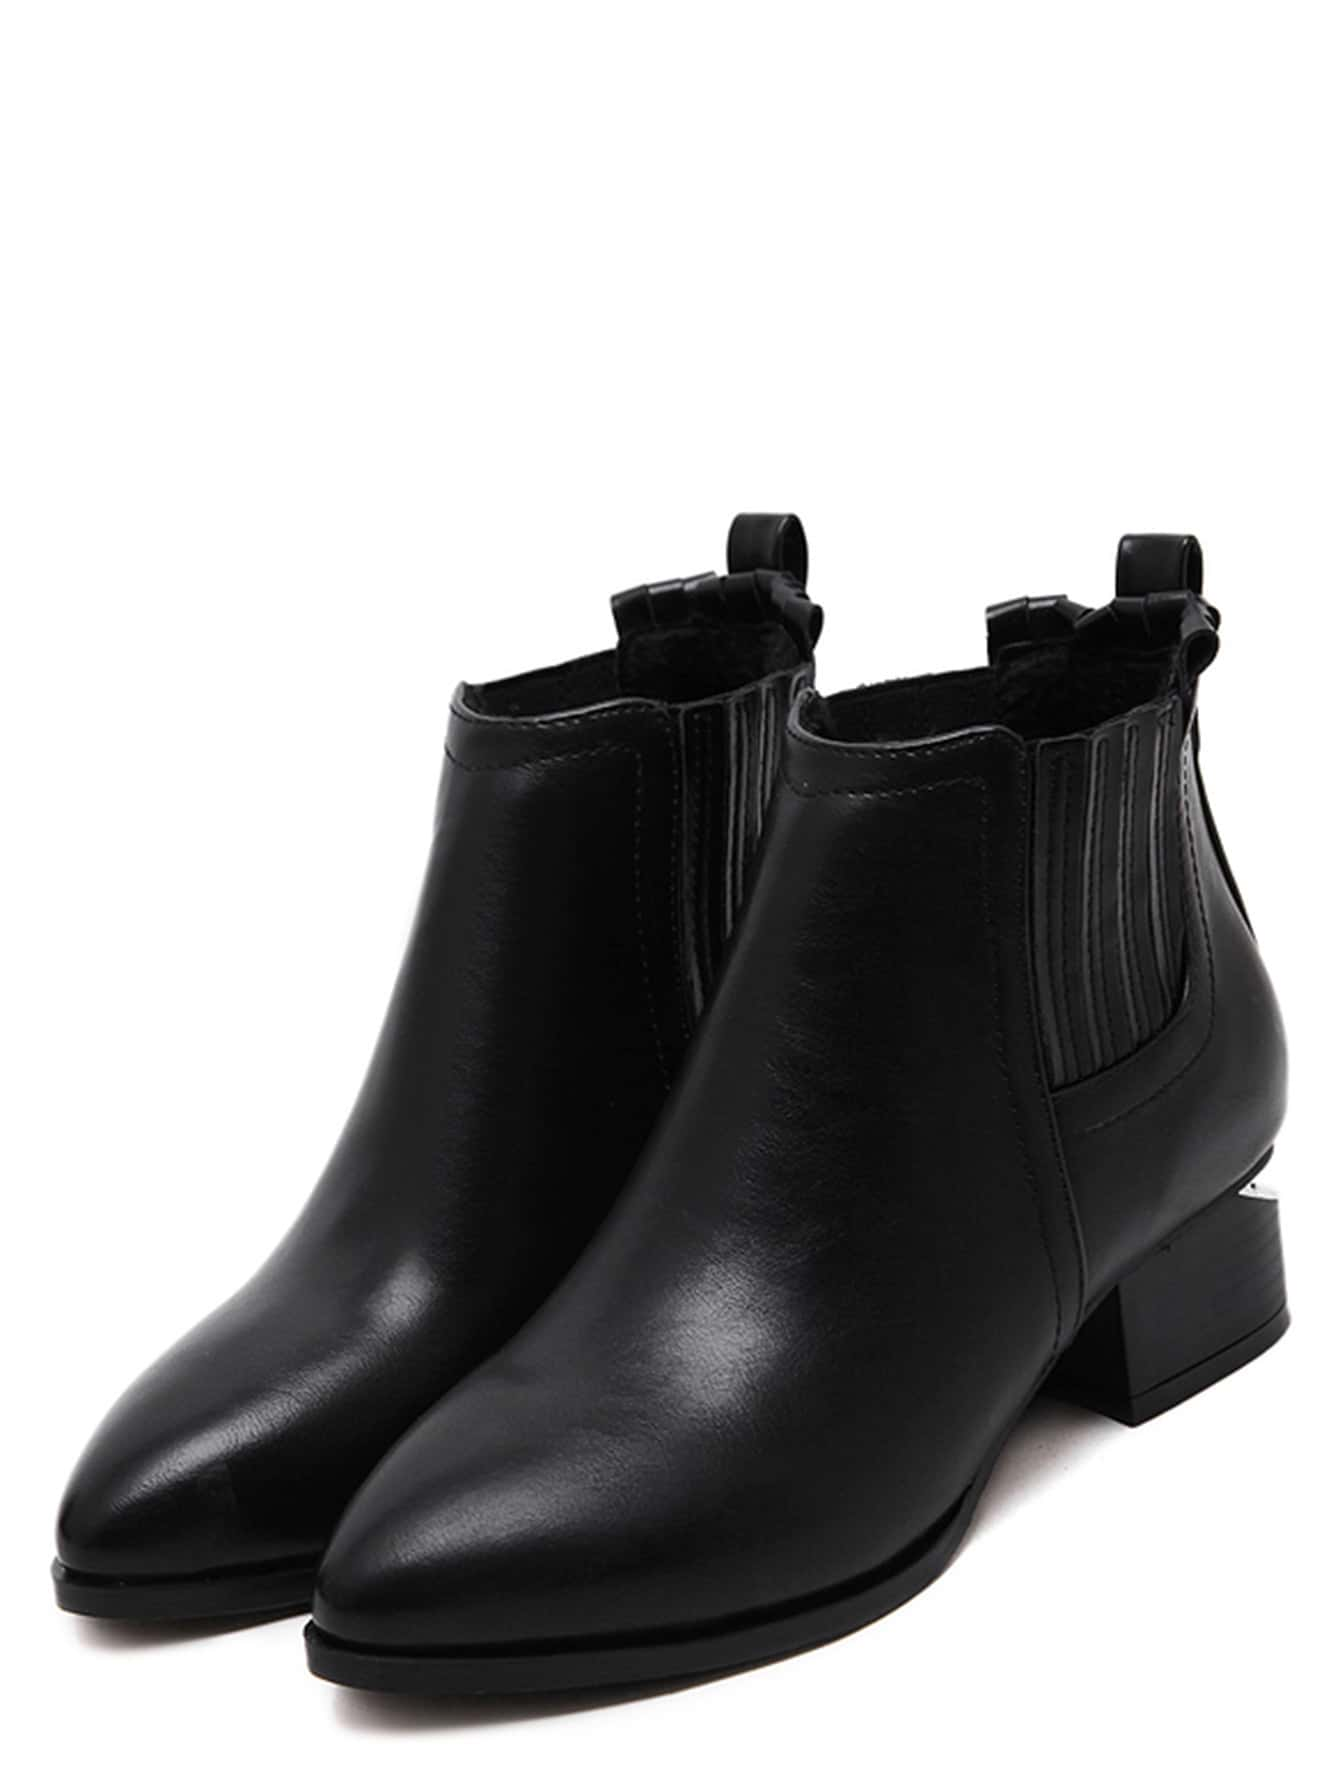 shoes161012803_2